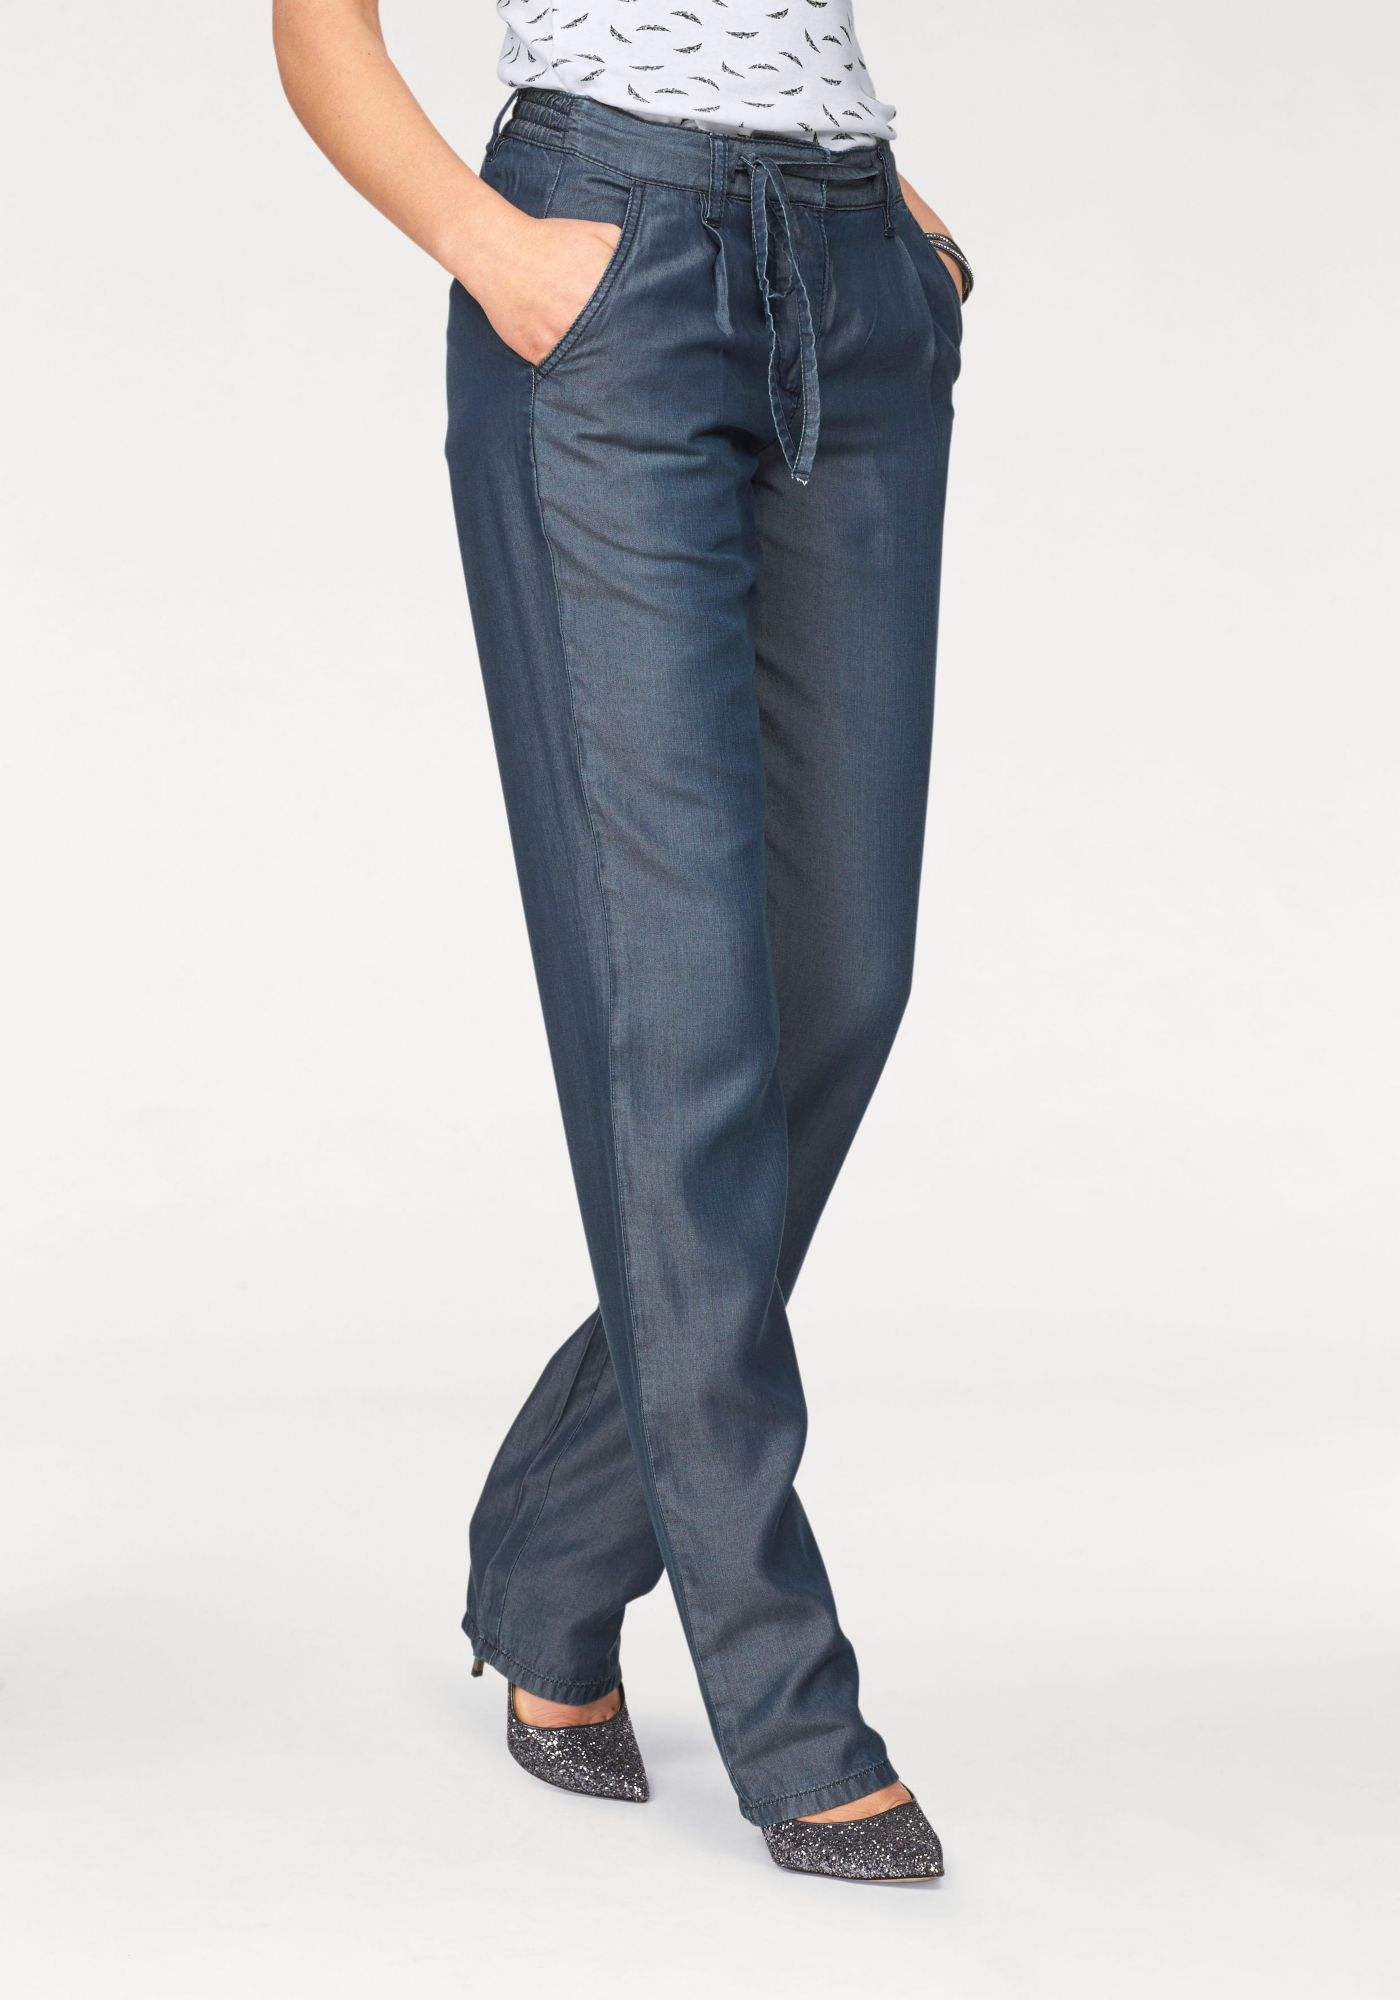 ARIZONA Arizona Bequeme Jeans